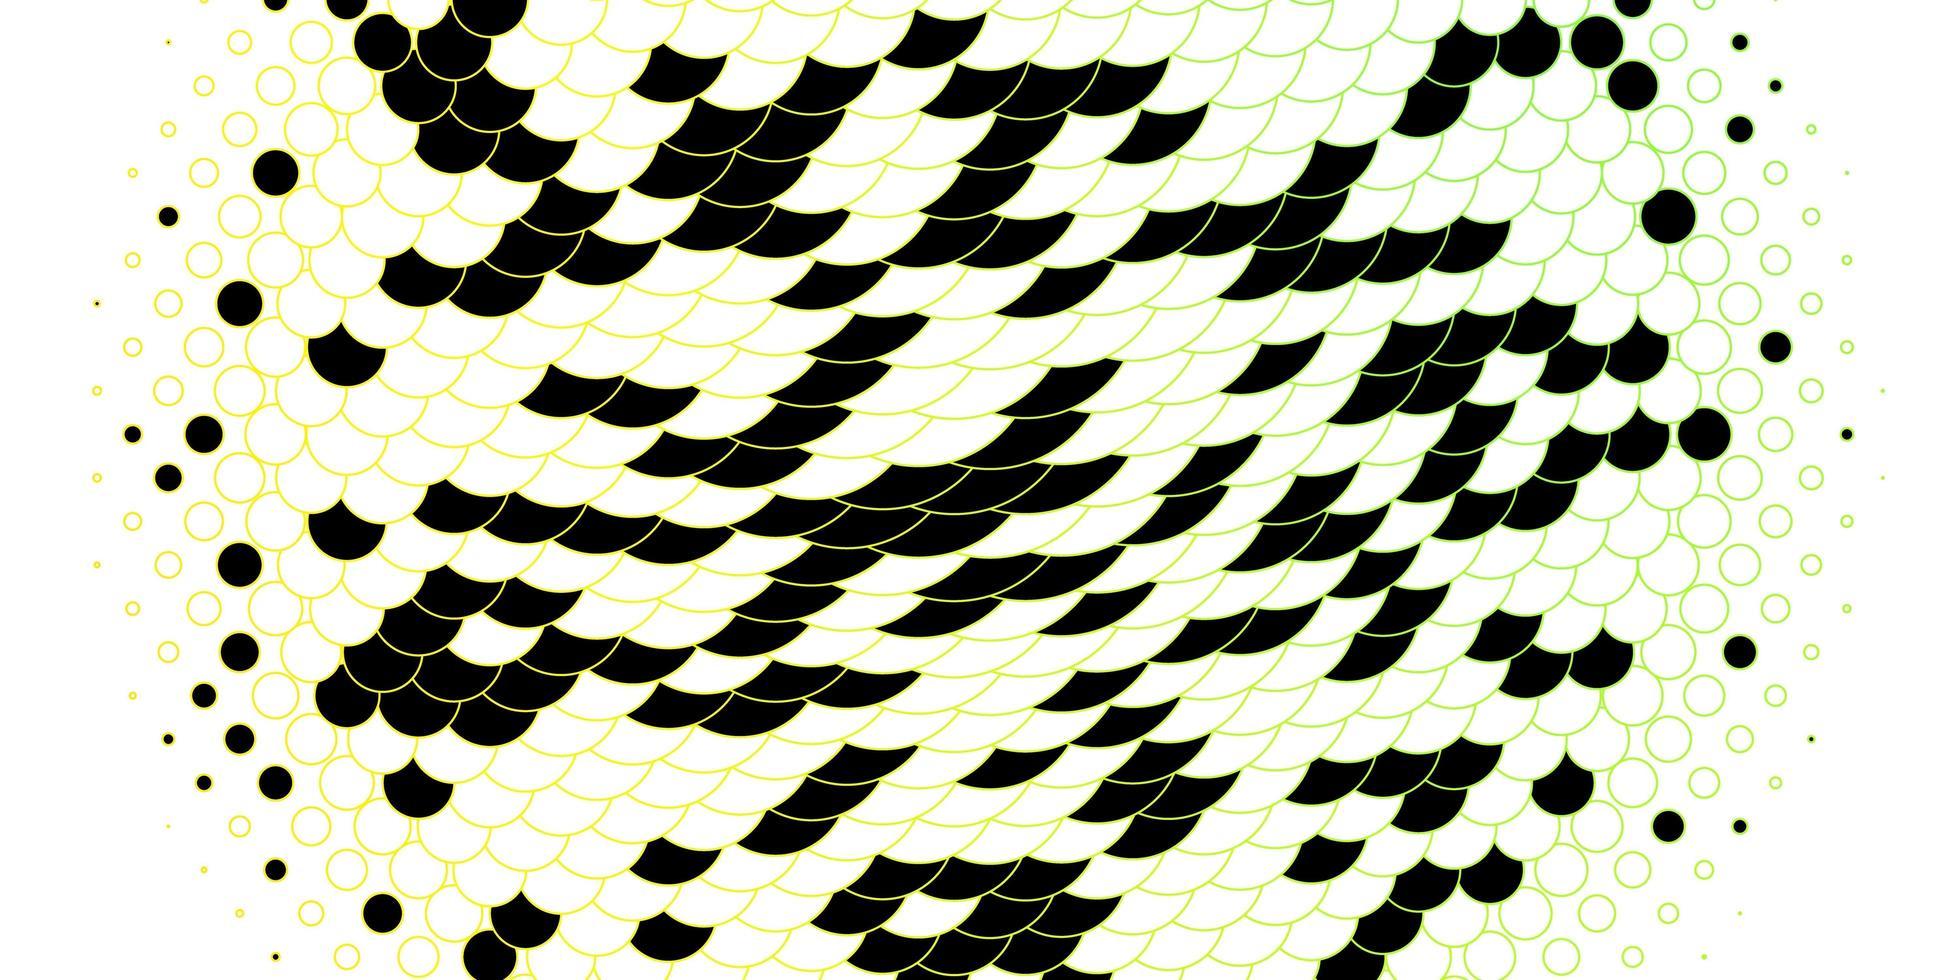 ljusgrön och gul layout med cirkelformer. vektor